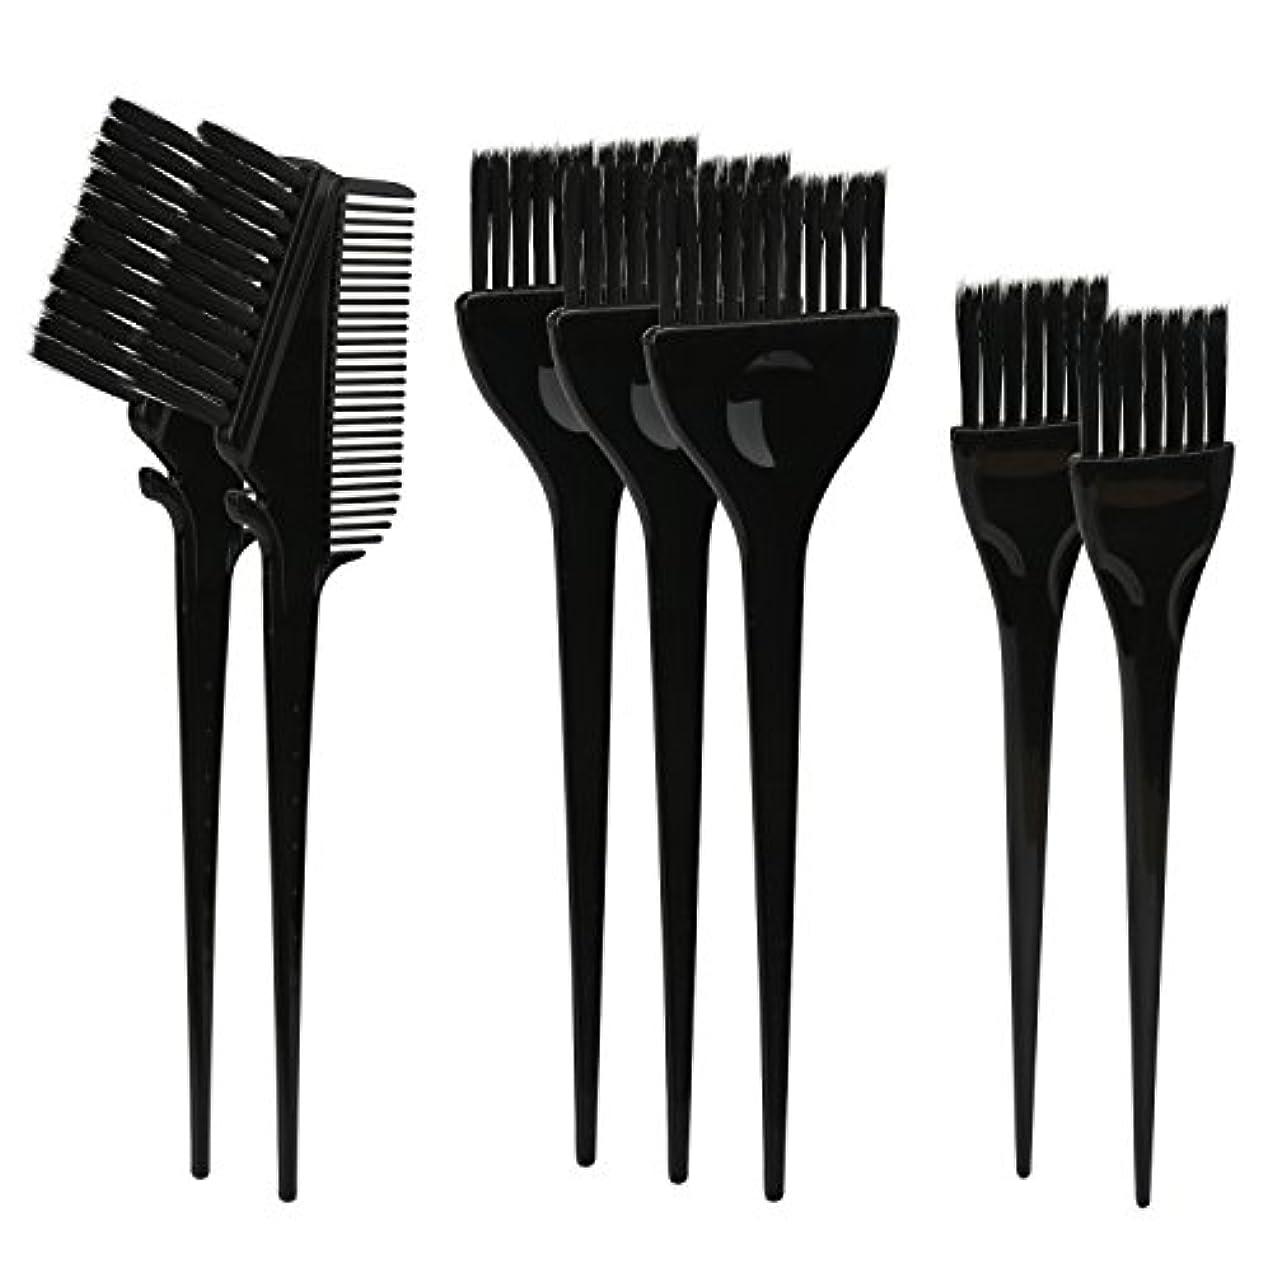 ハンバーガー人種床を掃除するSegbeauty ヘアカラー DIY プロ髪染め用のブラシ 7pcs 美髪師用 サロン工具セット